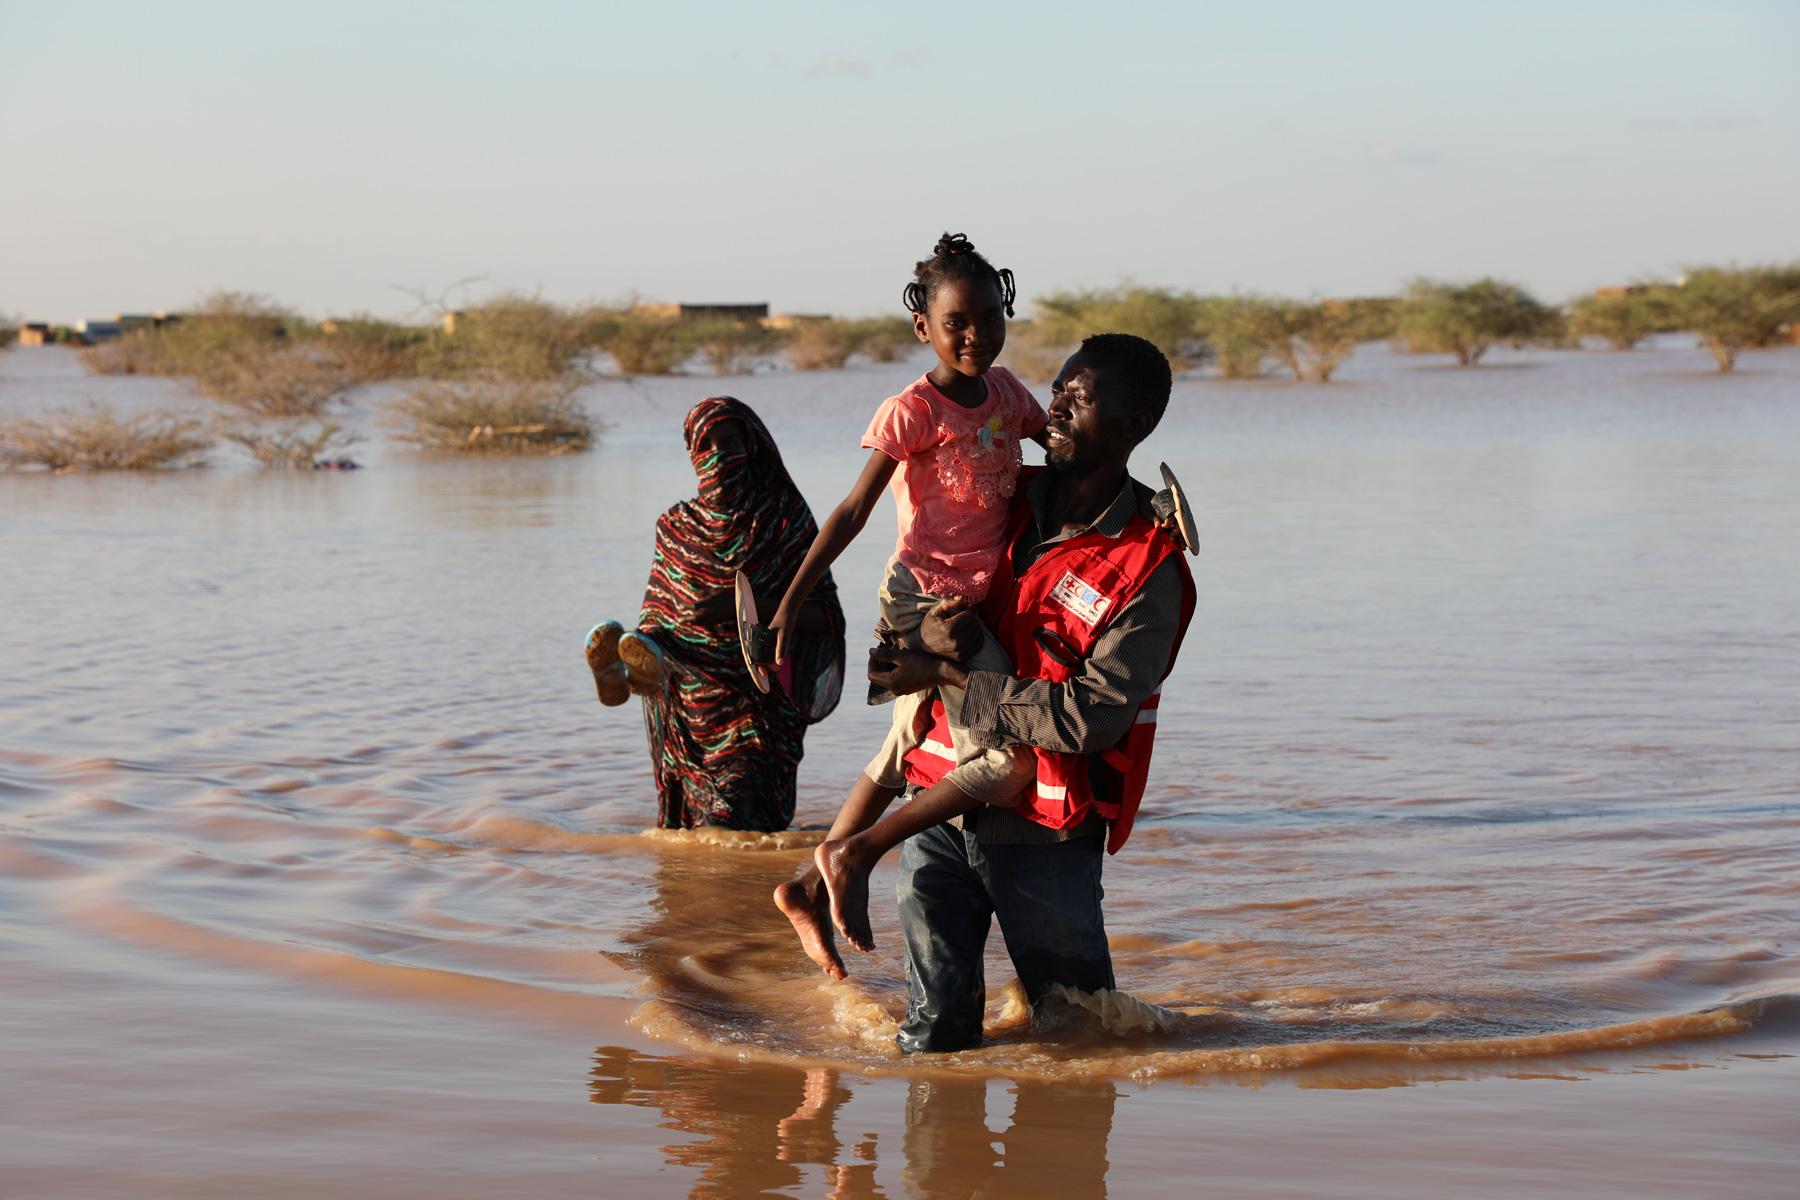 Un bénévole du Croissant-Rouge soudanais porte secours à une femme et à son enfant. © Haitham Ibrahim, SRCS